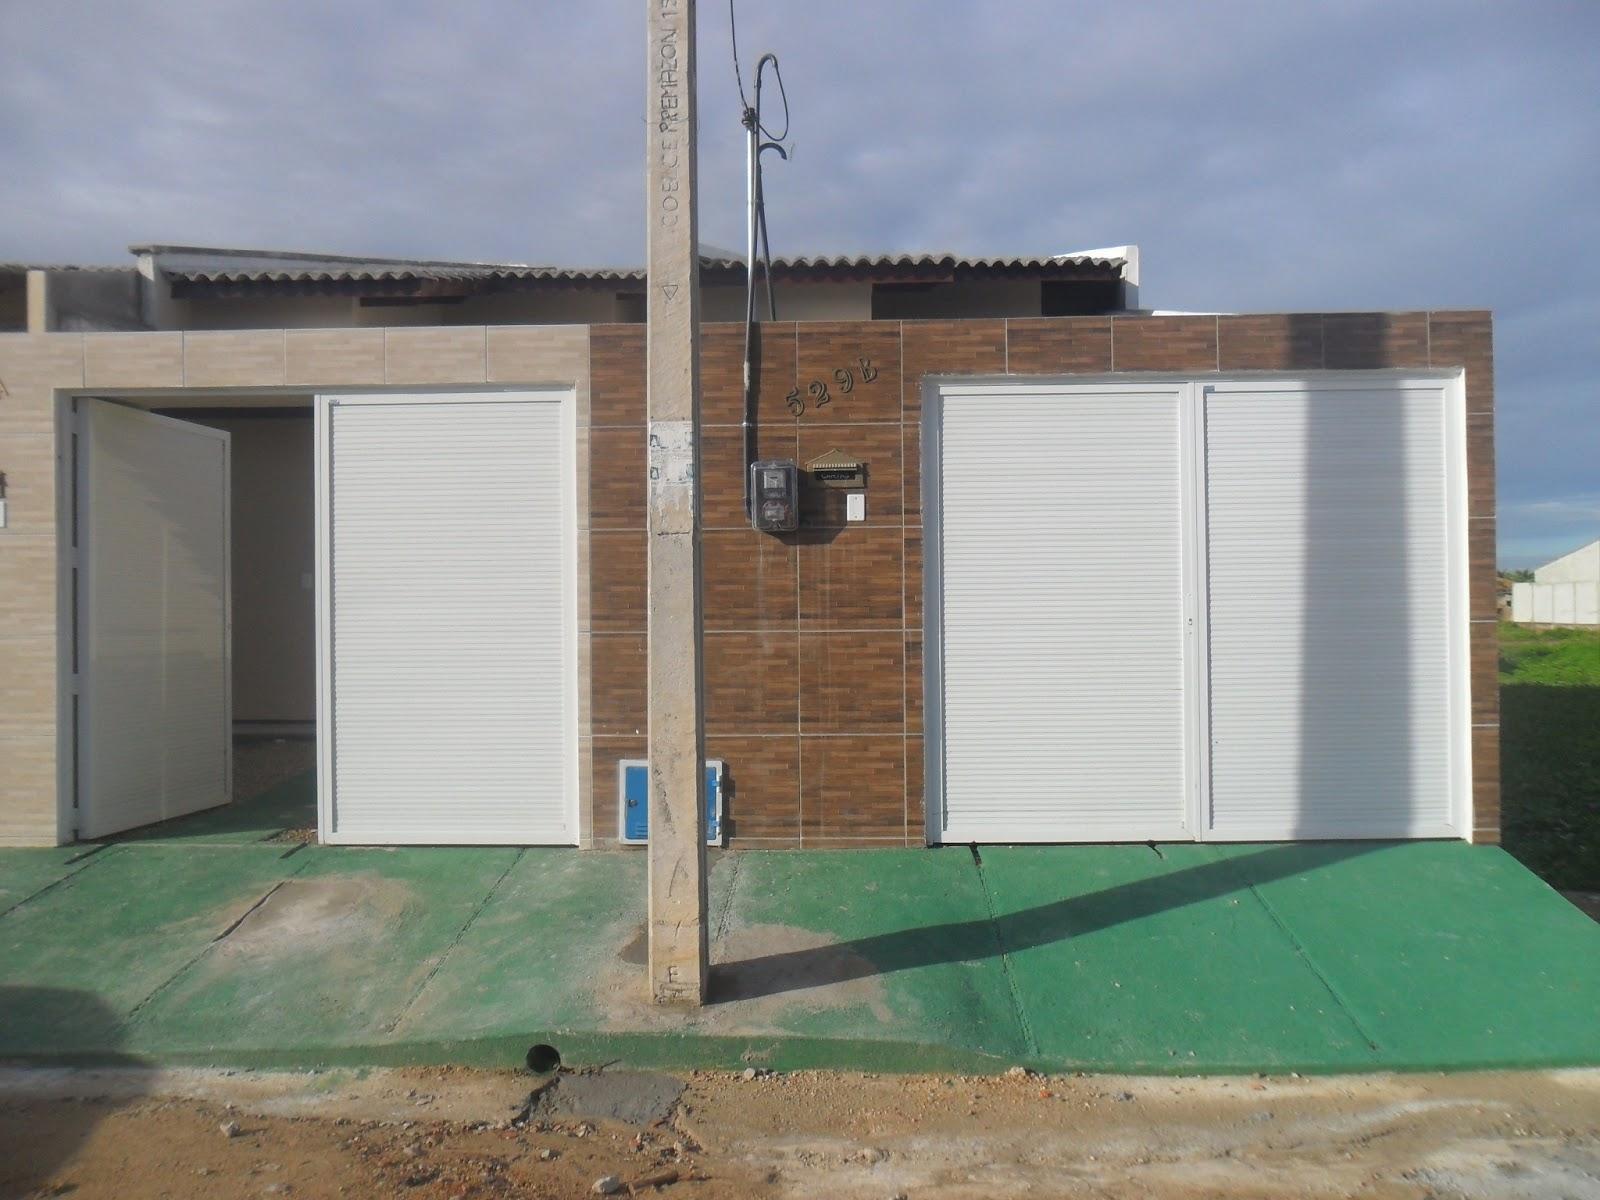 #488365  banheiro social sala e cozinha (estilo americano) 1 garagem área 1600x1200 px projeto de banheiro americano